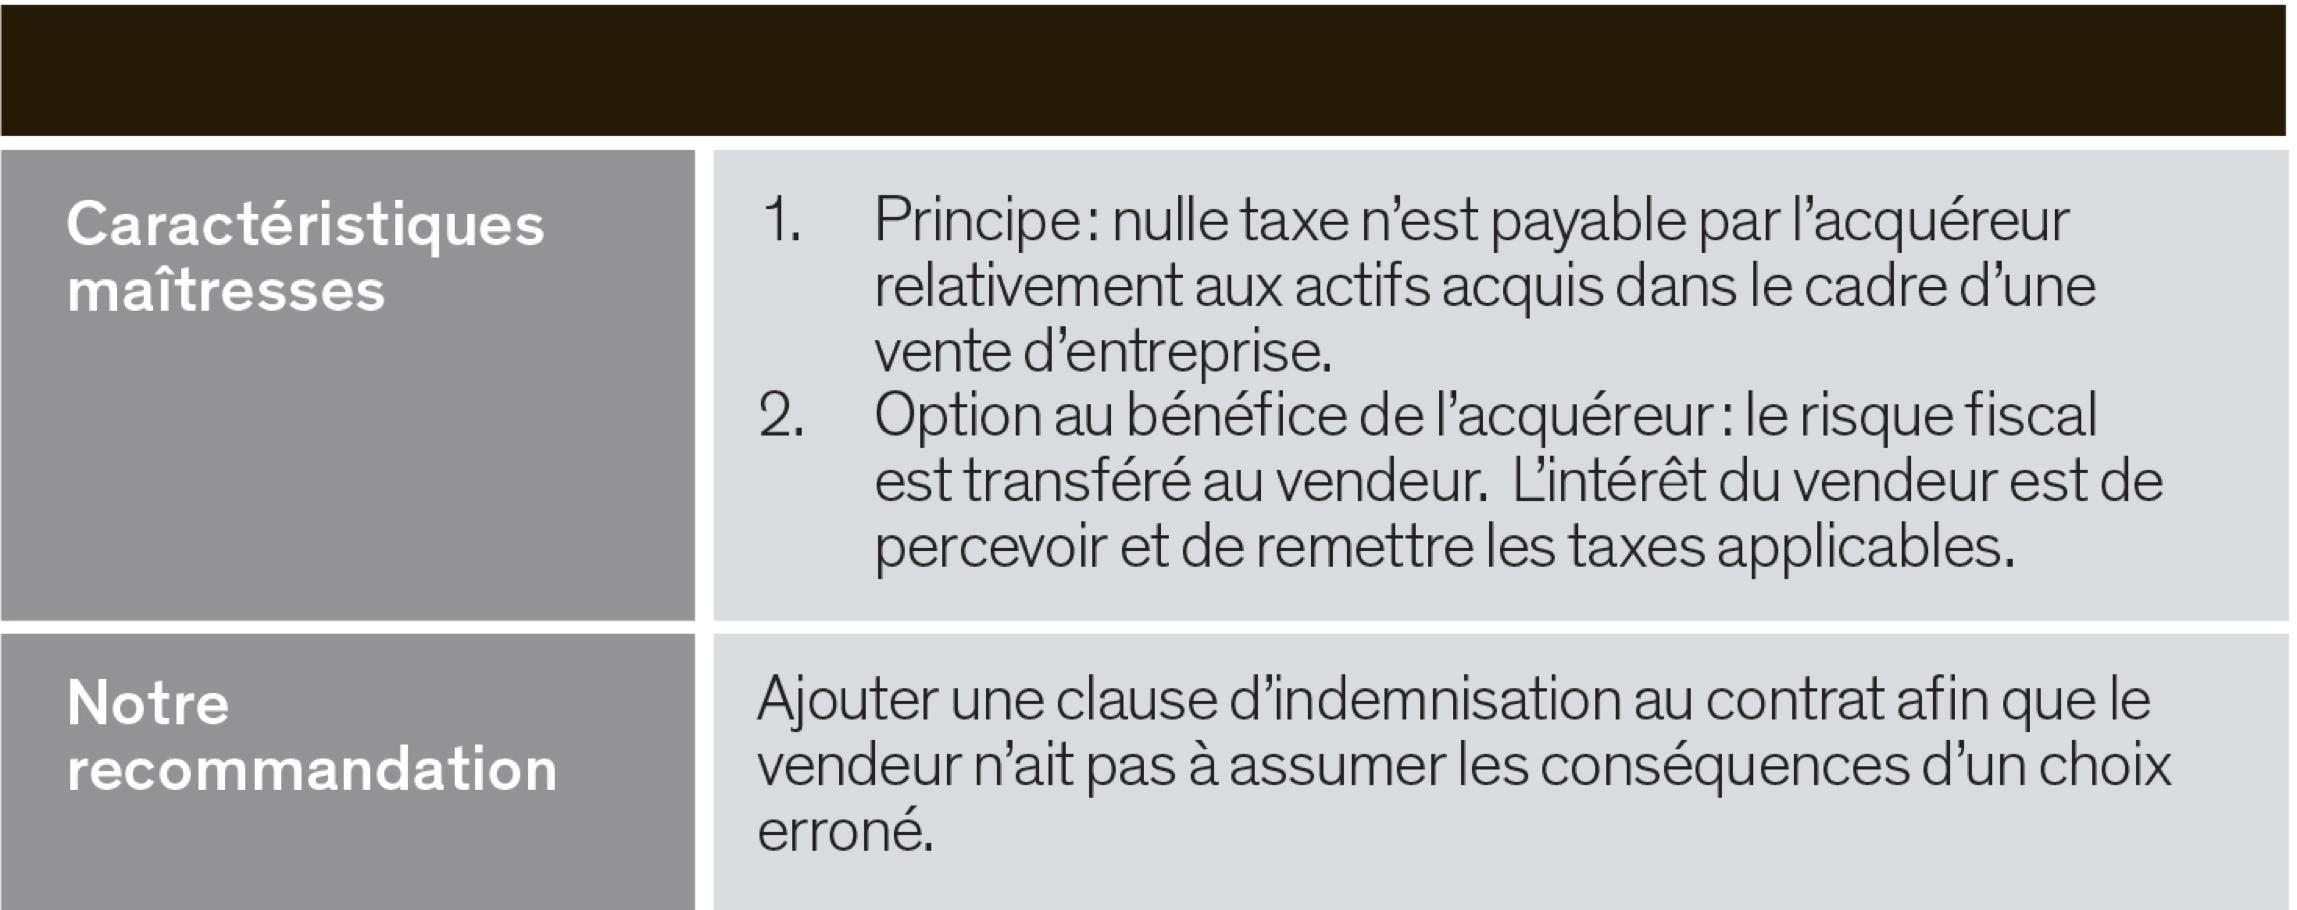 caractéristiques maîtresses et notre recommandation - ajouter une clause d'indemnisation afin que le vendeur n'ait pas à assumer les conséquences d'un choix erroné.